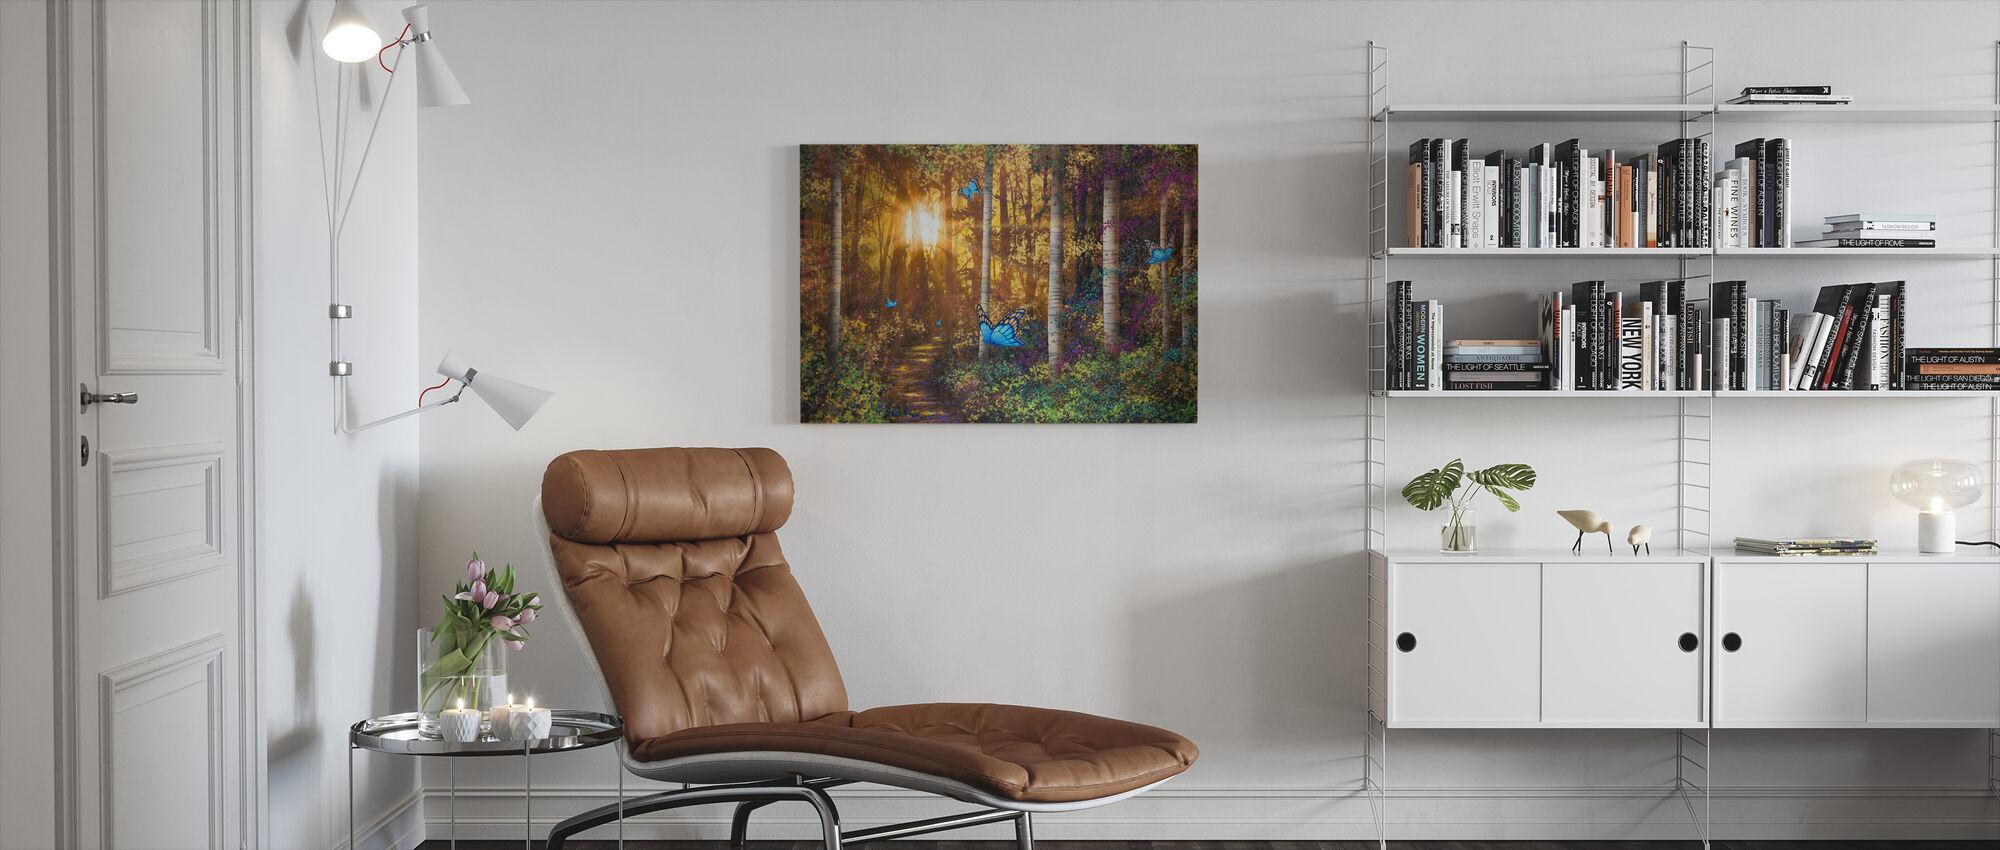 Bospad met vlinders - Canvas print - Woonkamer